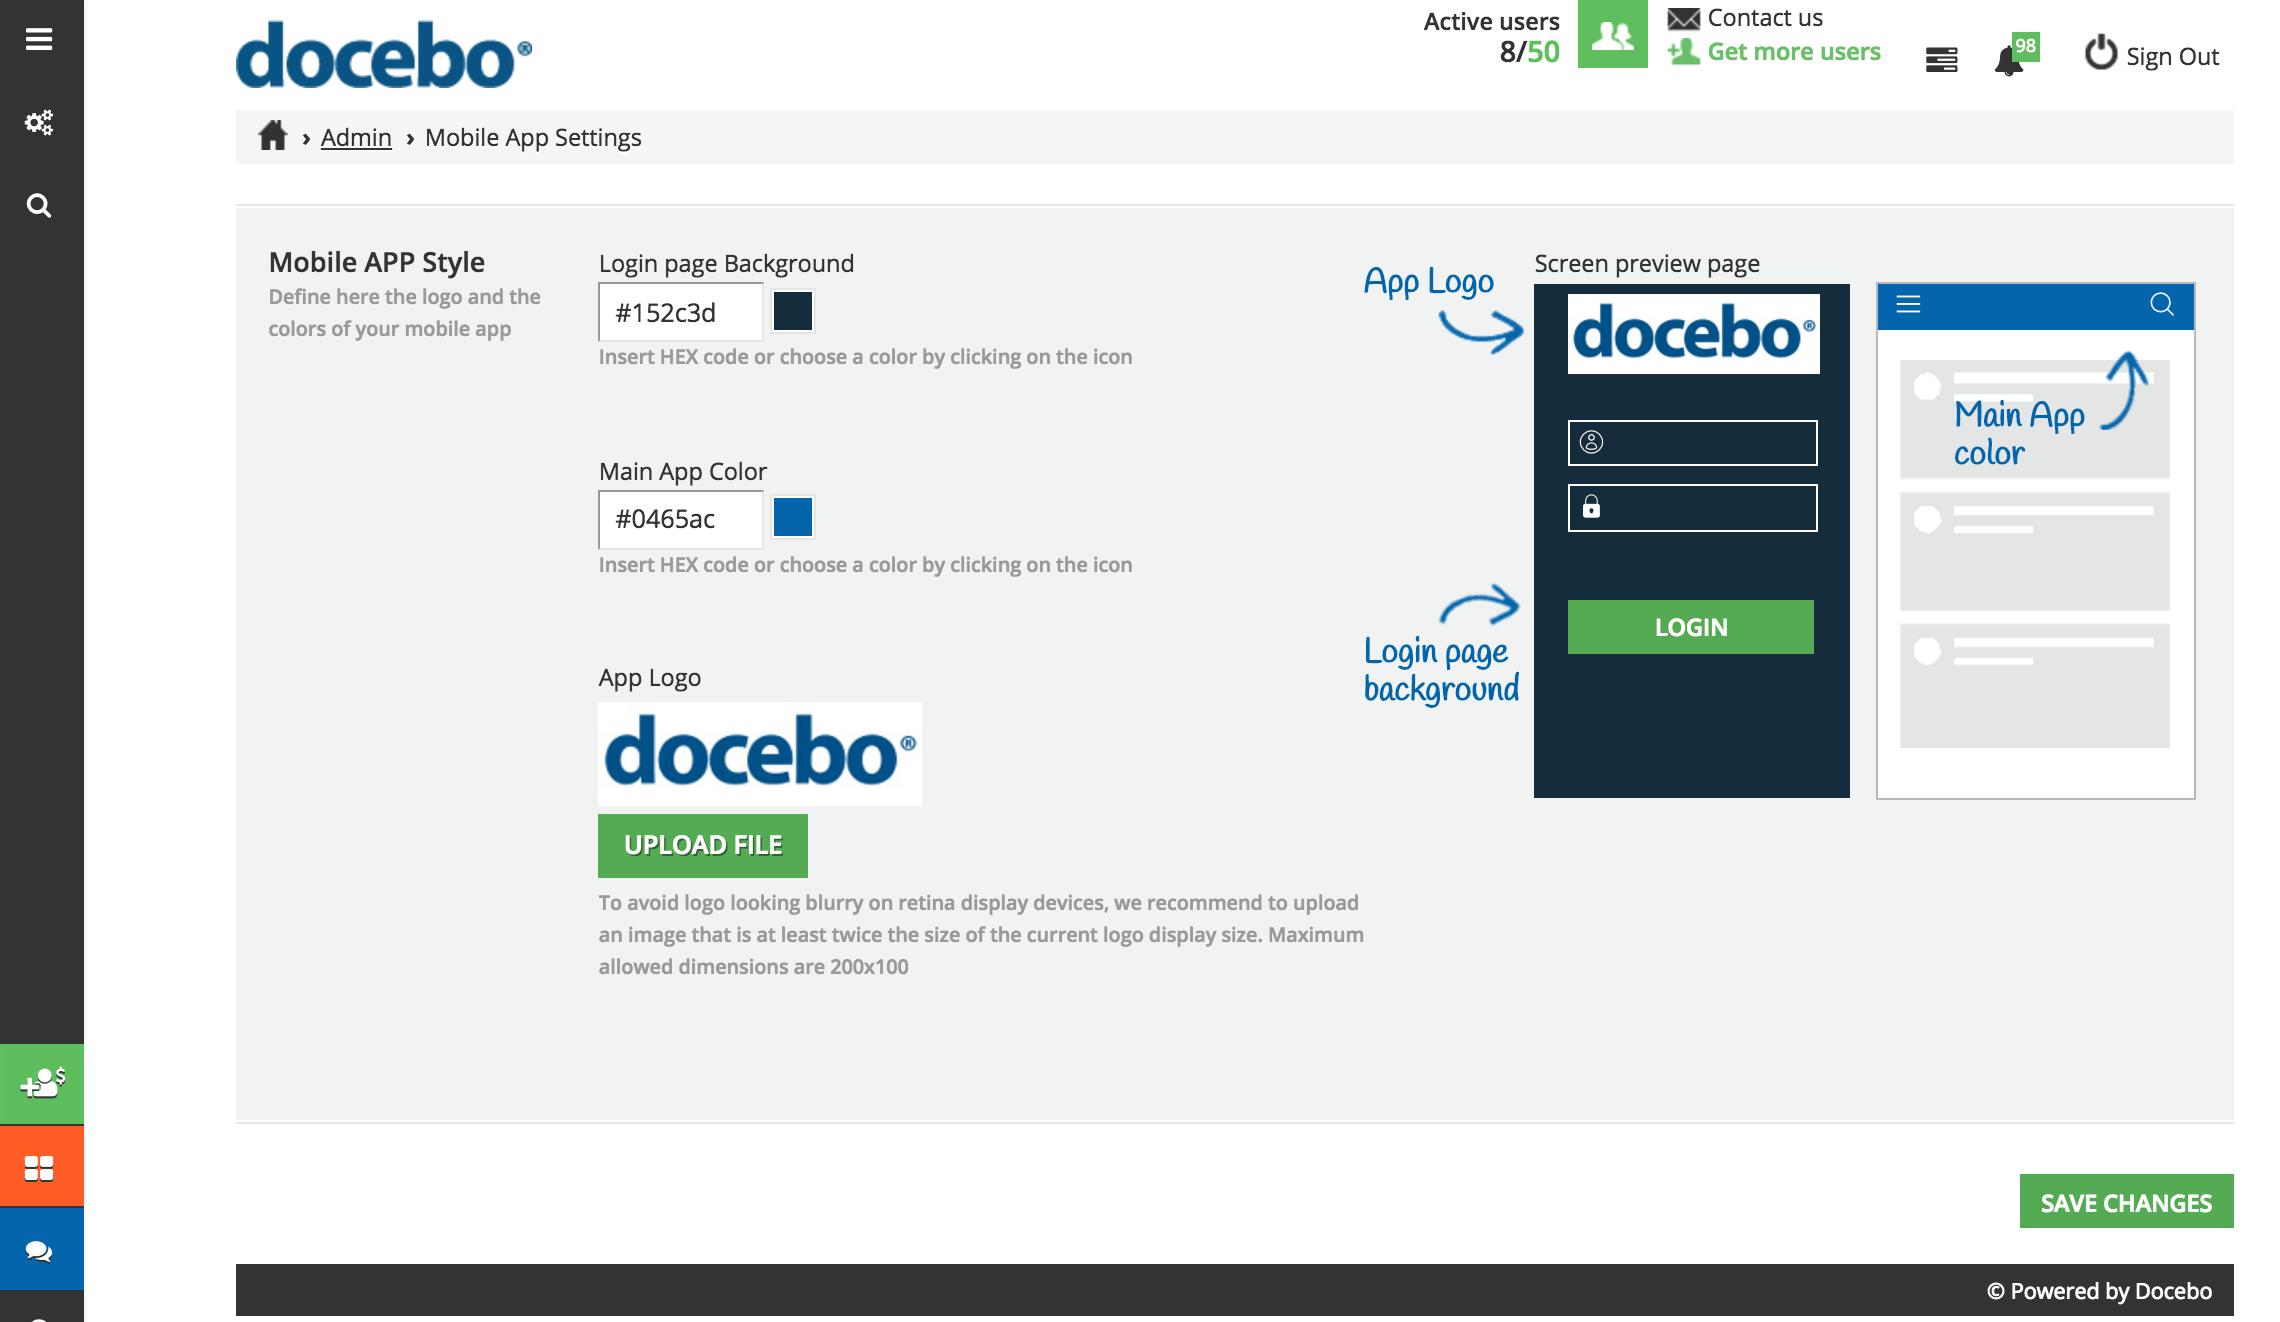 mobile app settings desktop